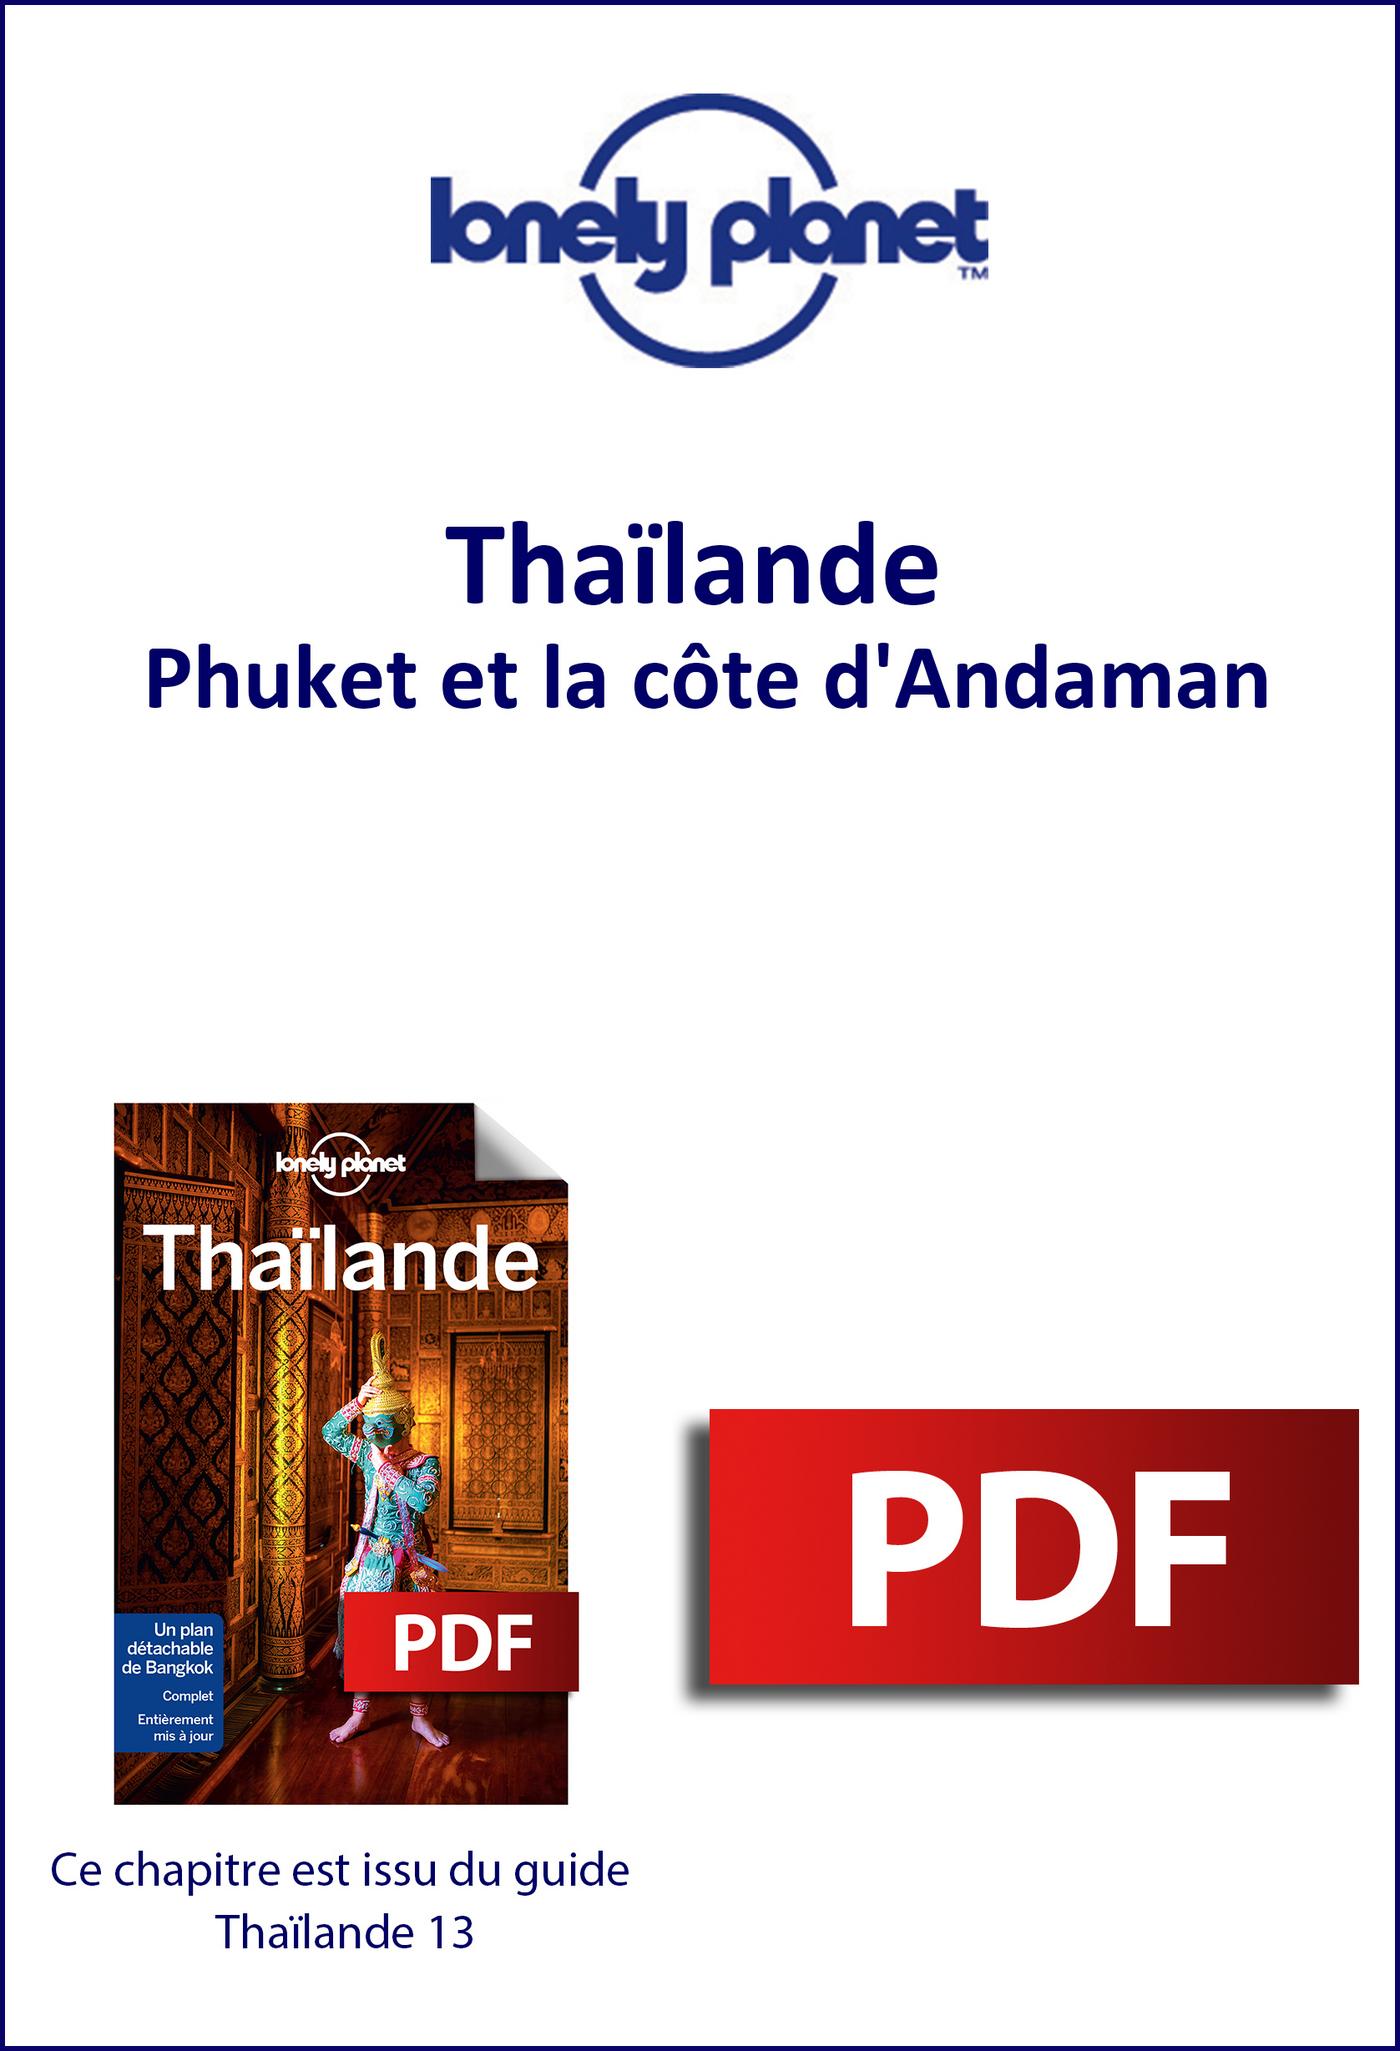 Thaïlande - Phuket et la côte d'Andaman